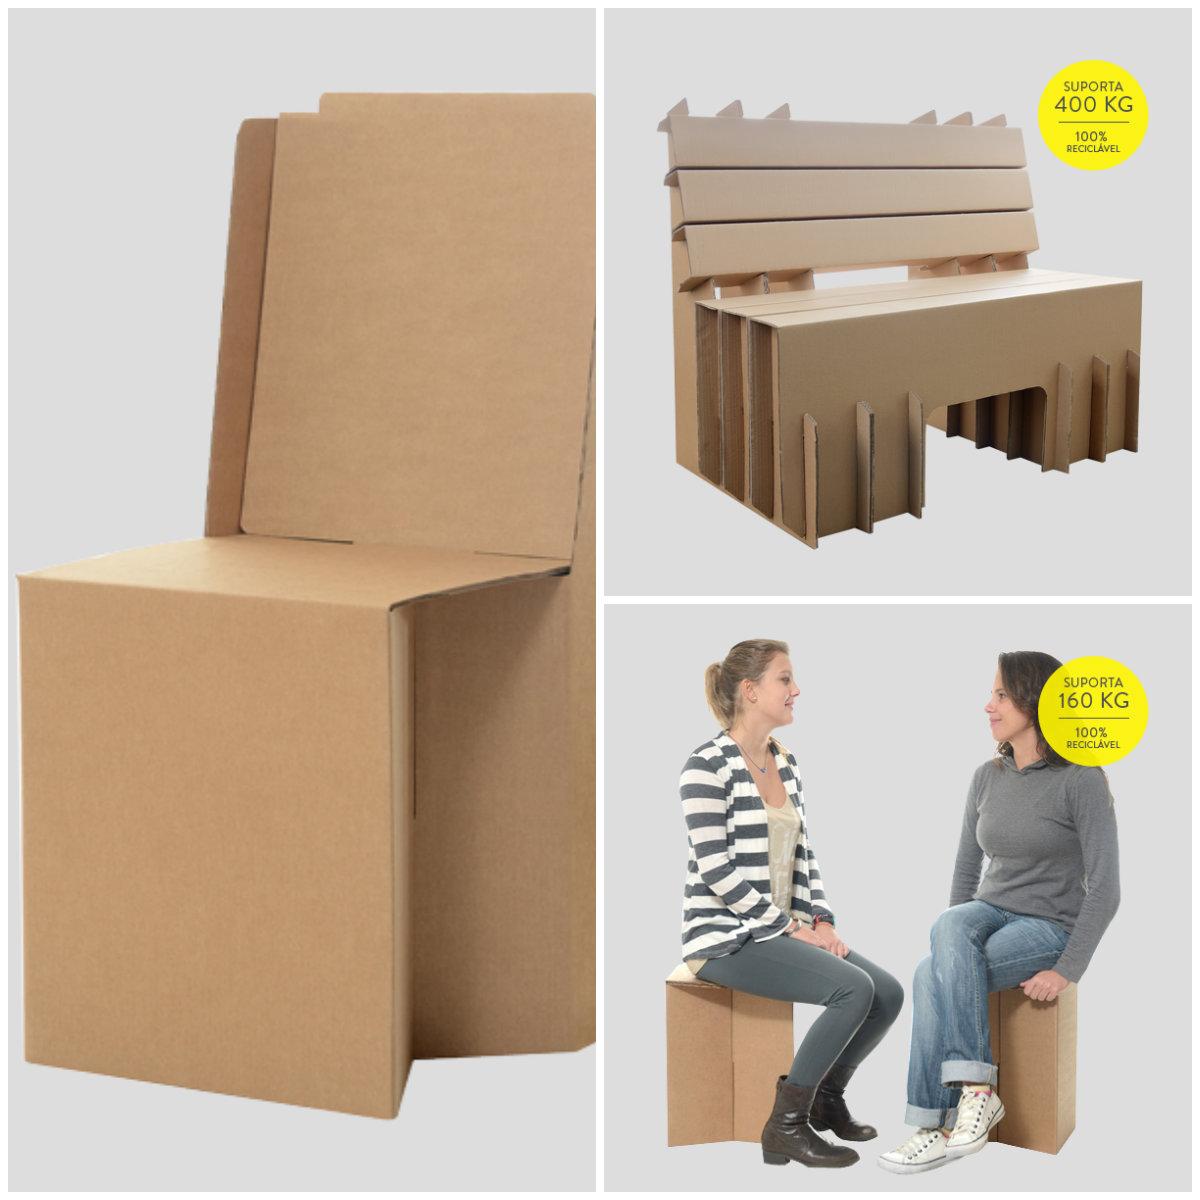 Conhecido 15 móveis de papelão para sua casa - CicloVivo VZ42